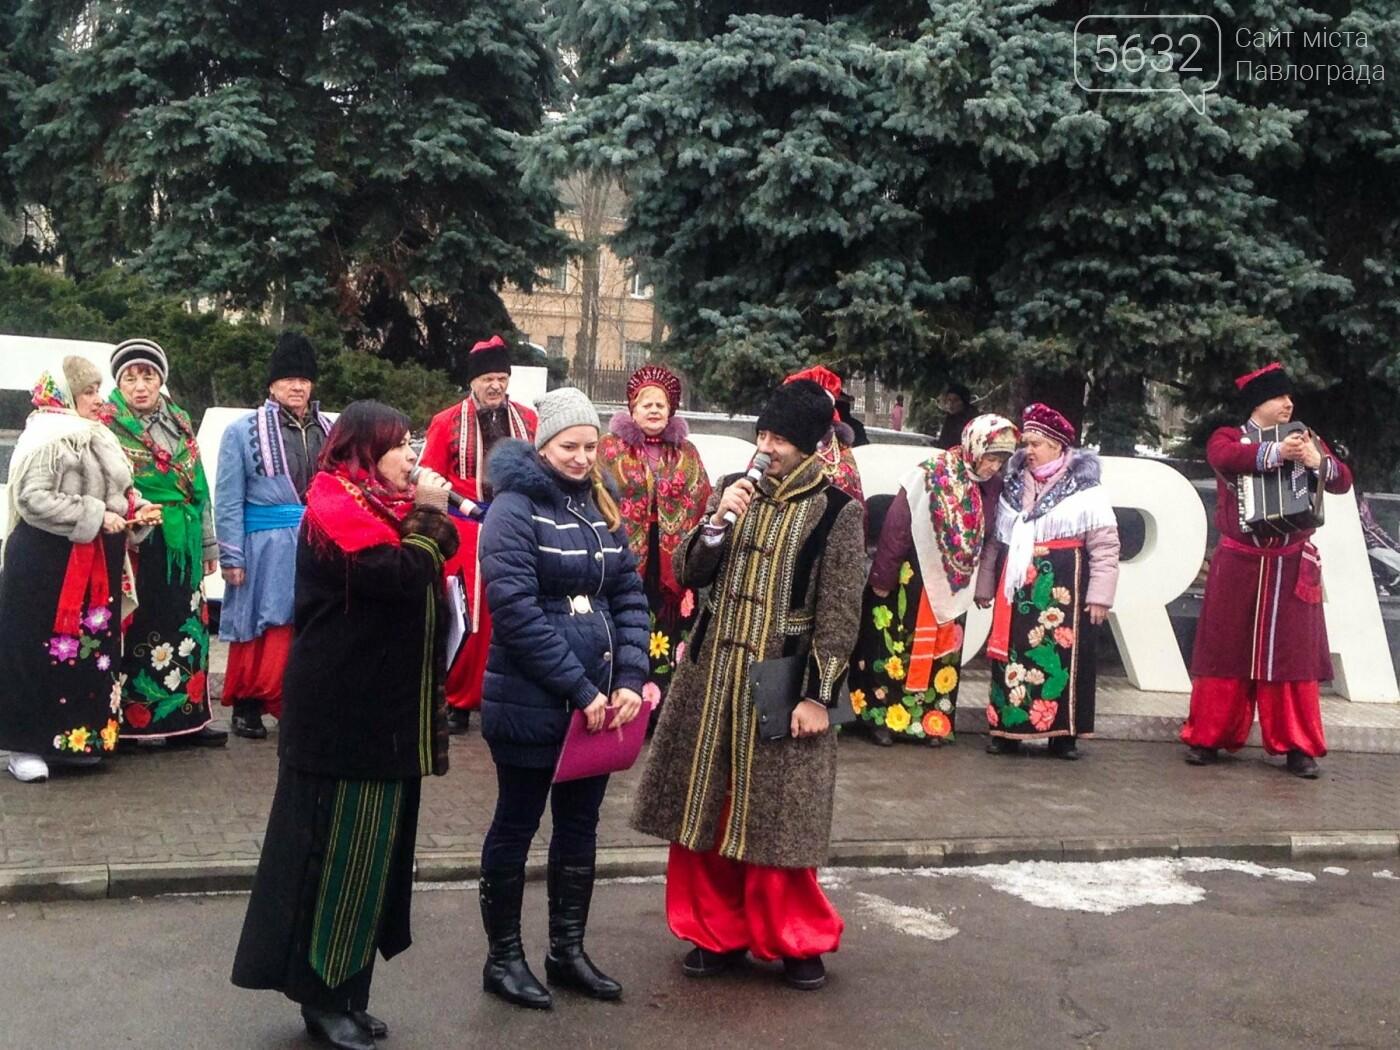 Павлоградцы устроили на Масленицу настоящие народные гулянья, фото-2